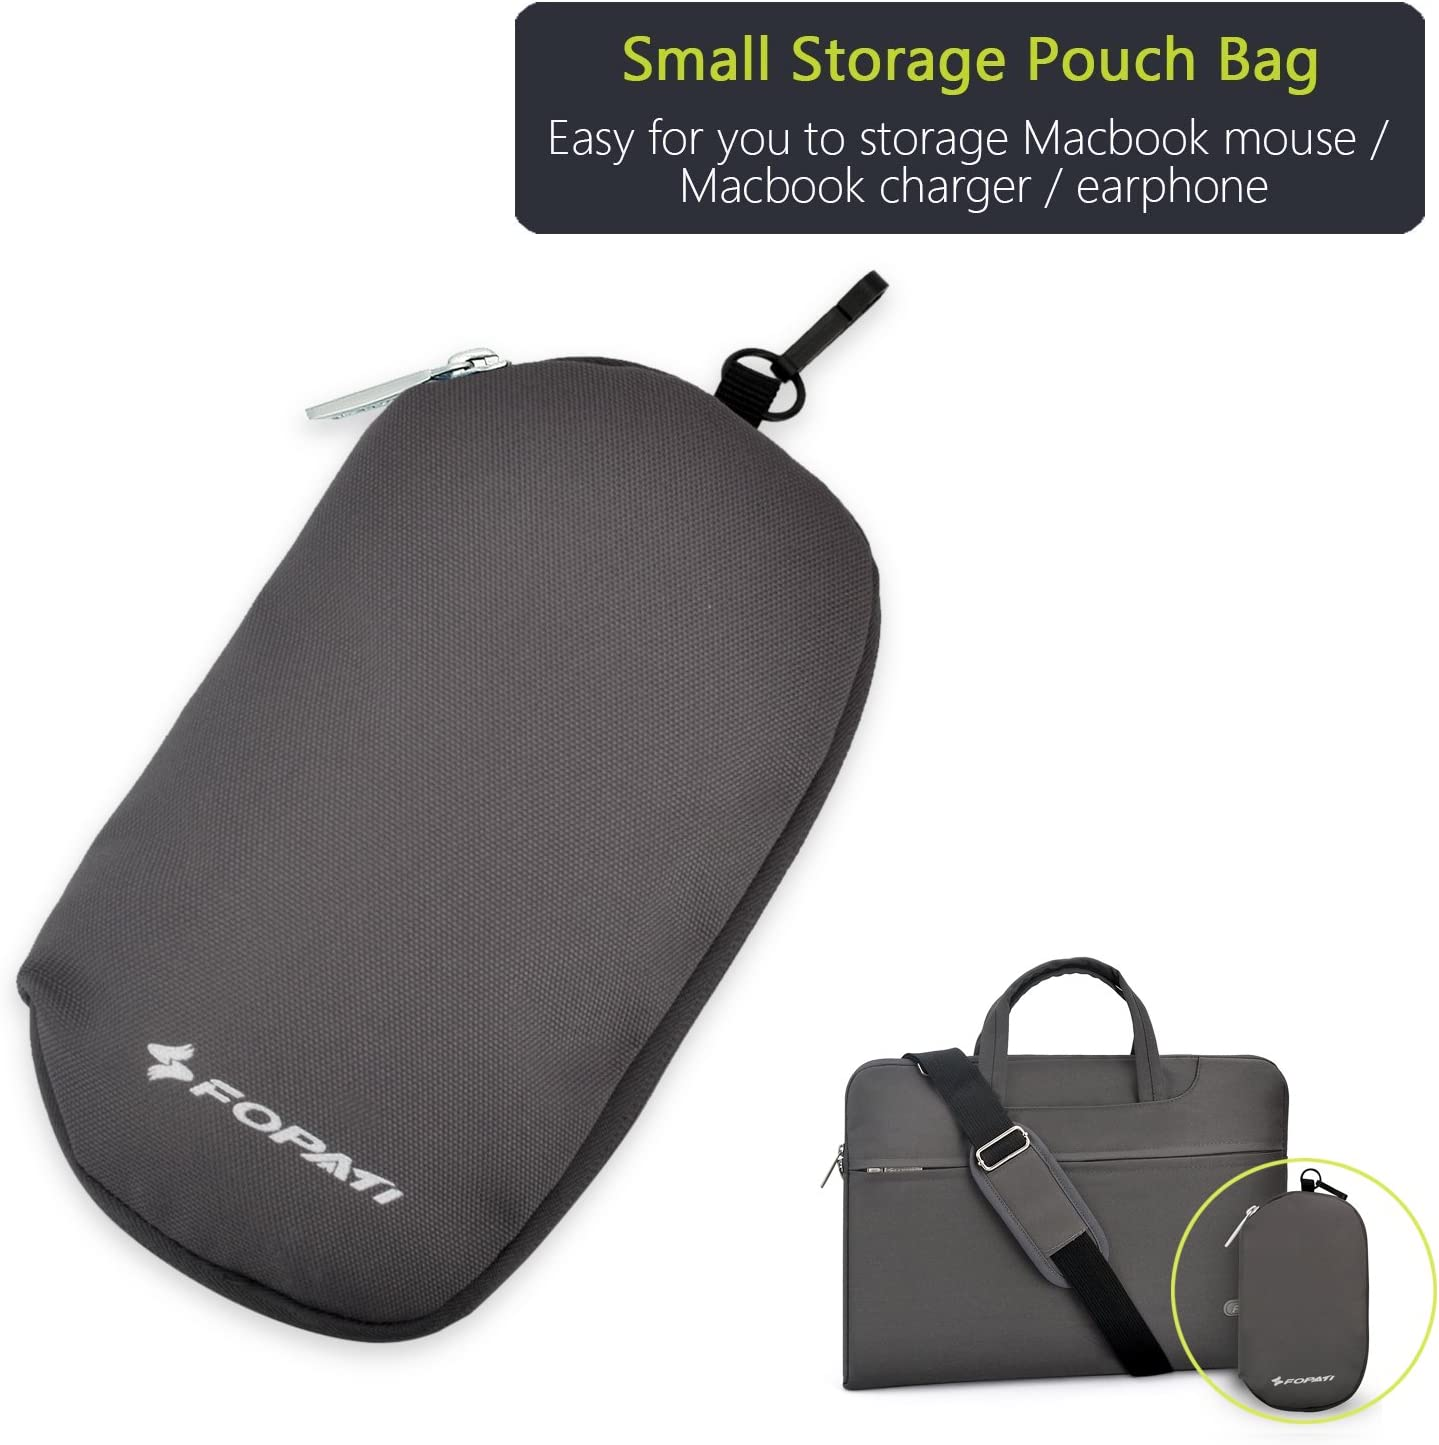 Black YOUPECK Laptop Shoulder Bag 12-13.3 inch Laptop Case Slim Briefcase Computer Bag Business Carry Bag Waterproof Notebook Messenger Bag Sleeve for MacBook PRO//ASUS Dell Acer Chromebook 13